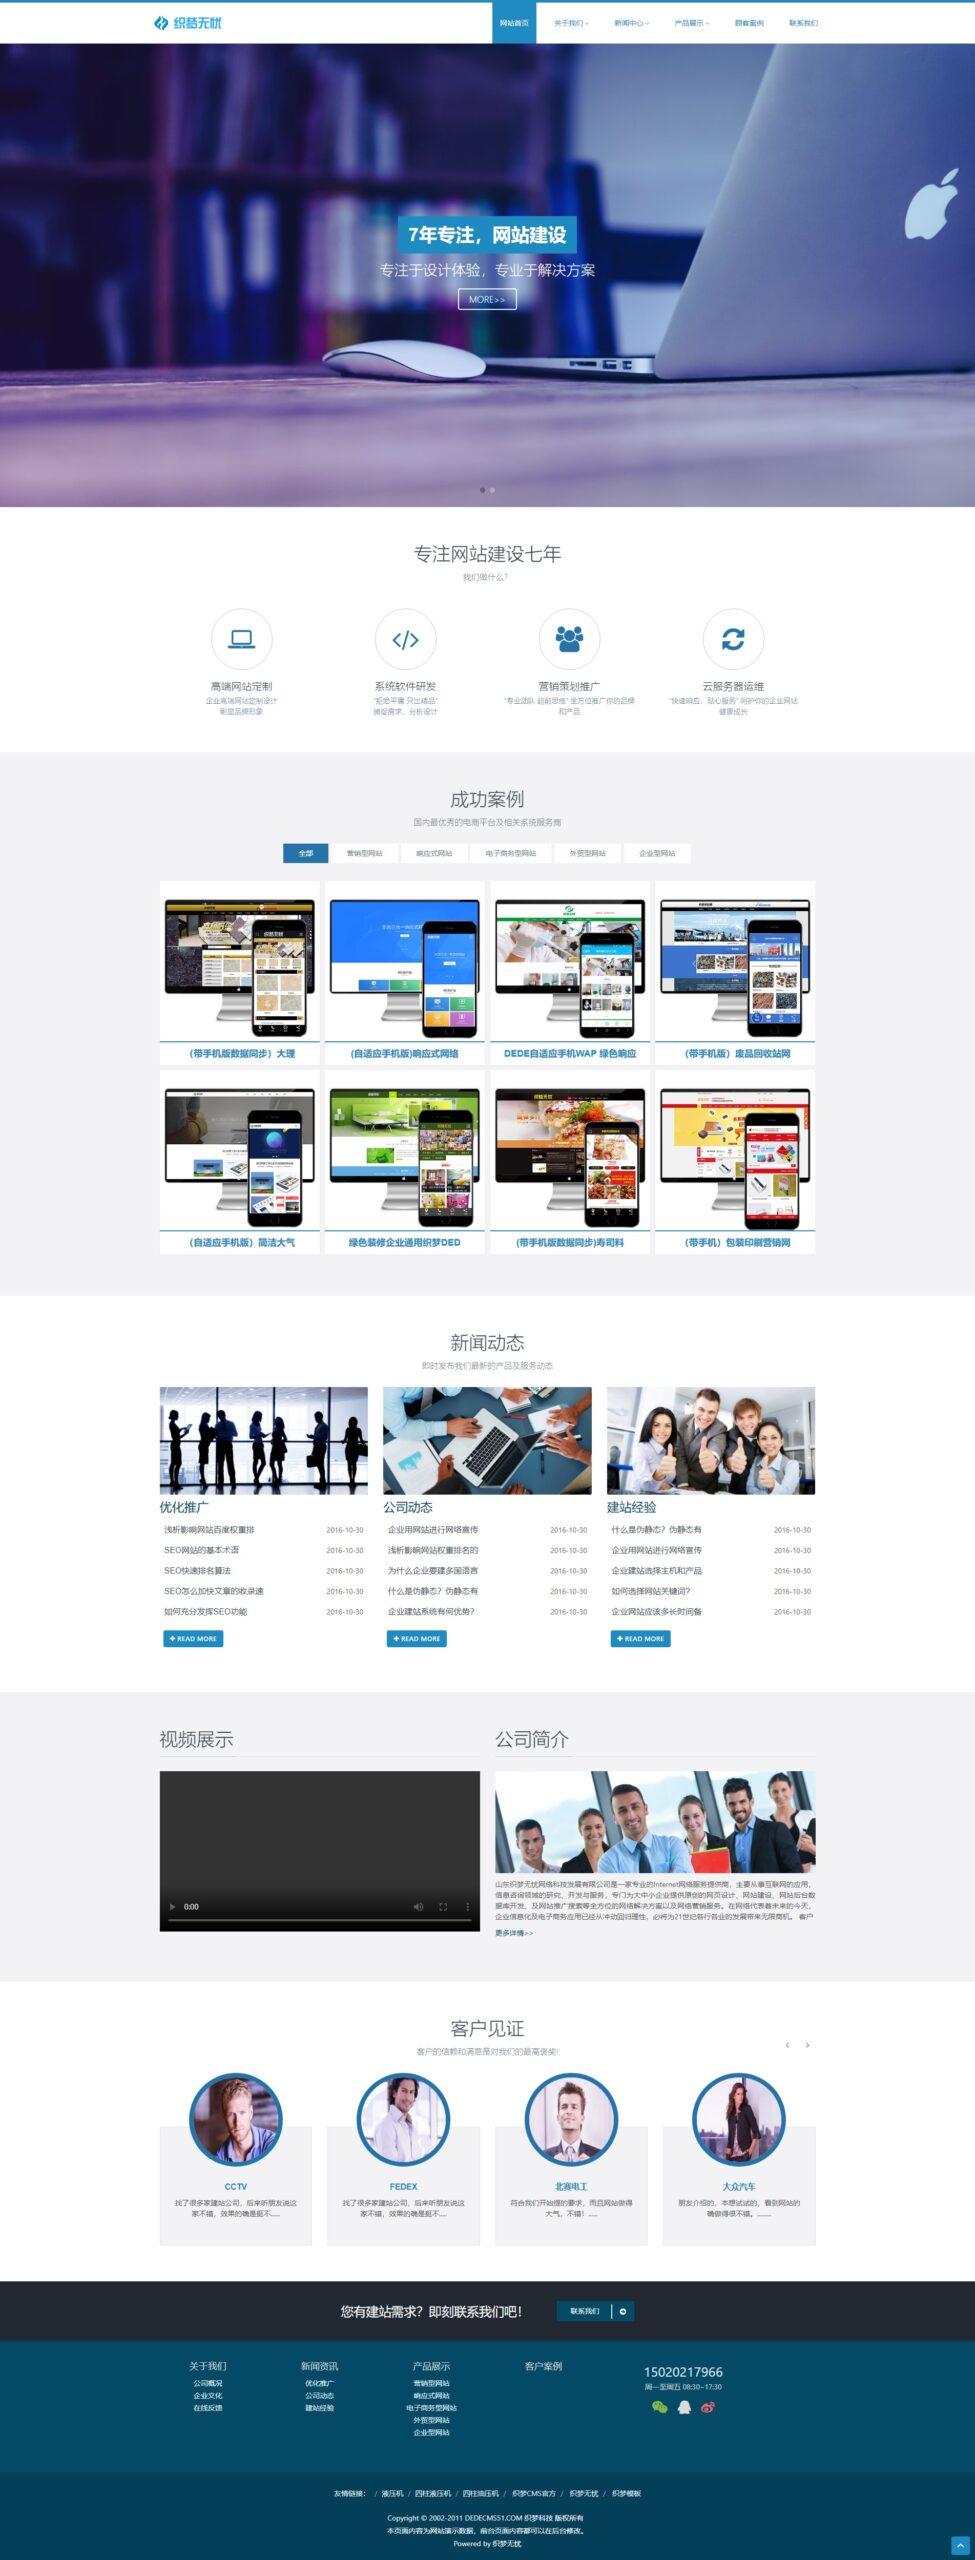 鹤云资源博客-HTML5企业网站建设公司响应式布局织梦dedecms模板下载自适应手机wap插图